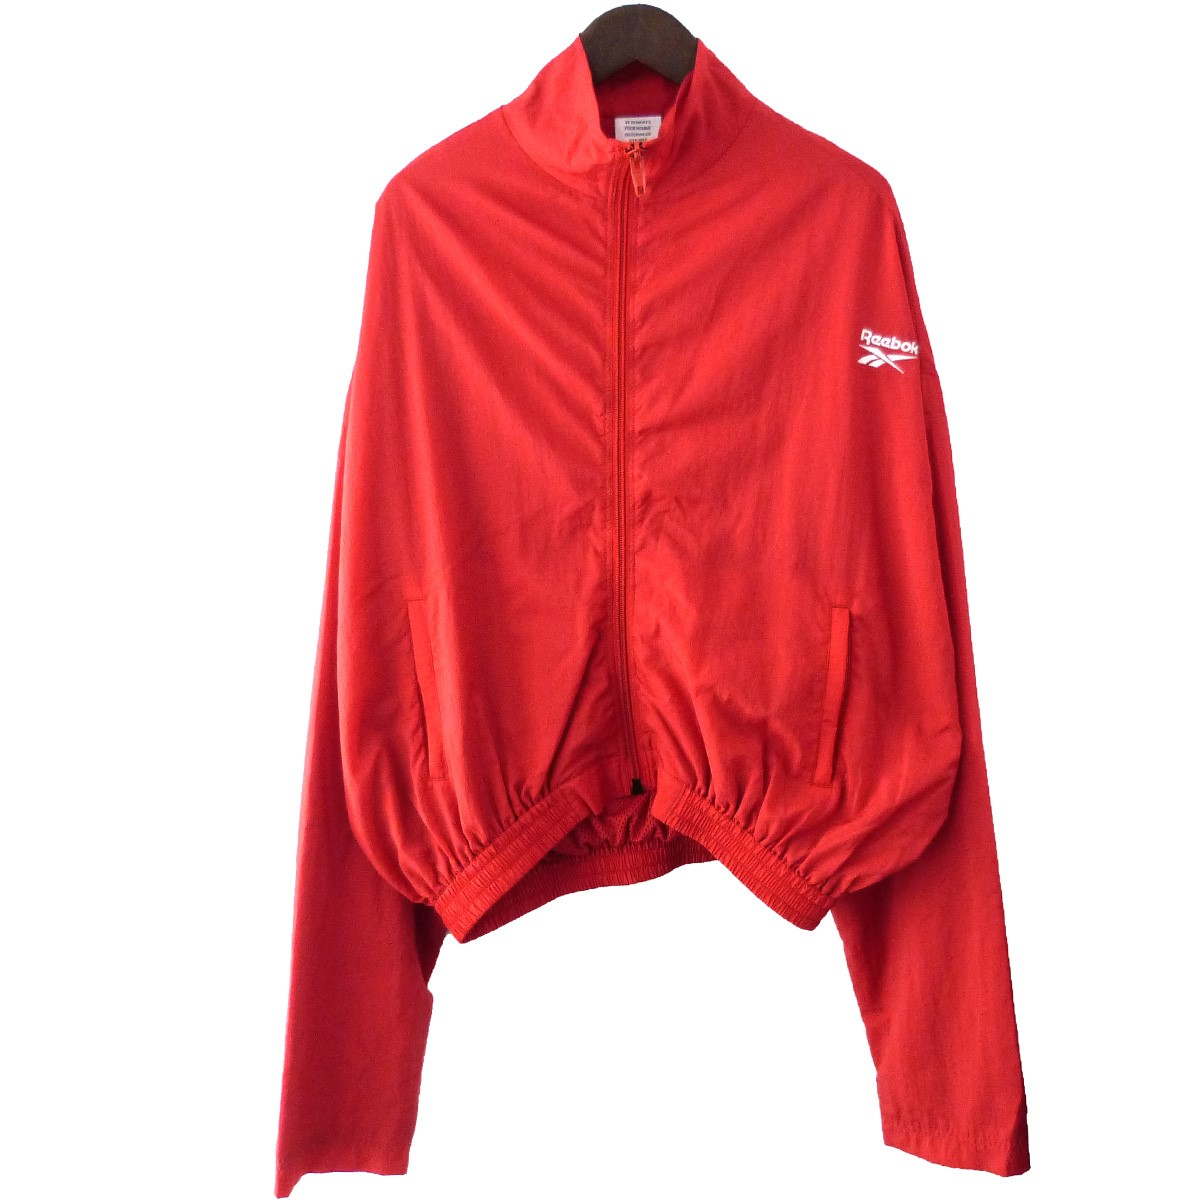 【中古】VETEMENTS×Reebok17SS「Track Jacket」トラックジャケット レッド サイズ:XS【2月27日見直し】